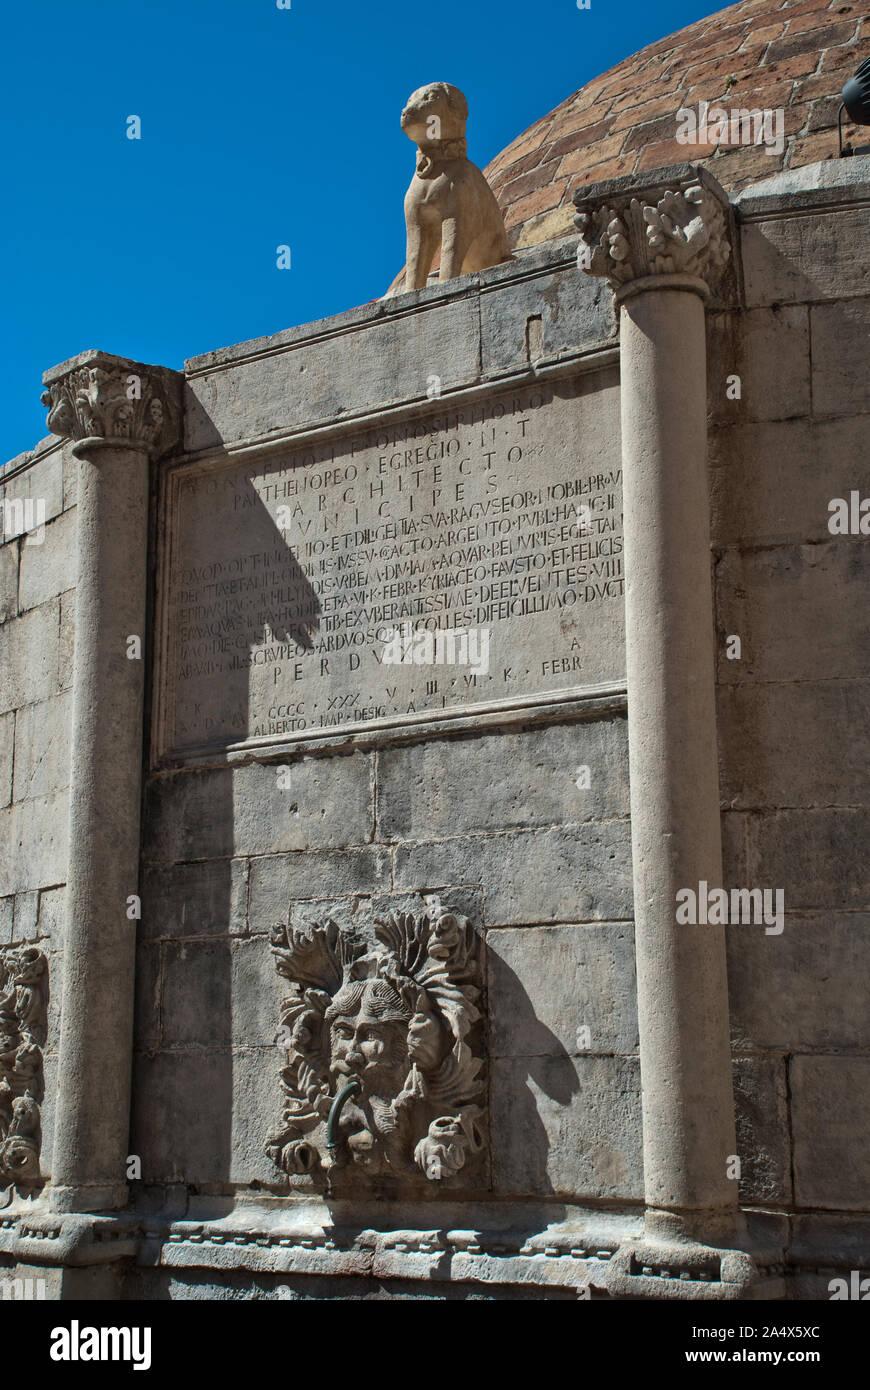 Dubrovnik Croatie: Détail de la grande fontaine d'Onofrio: à proximité de la Porte Pile se dresse la grande fontaine d'Onofrio au milieu d'une petite place. Banque D'Images